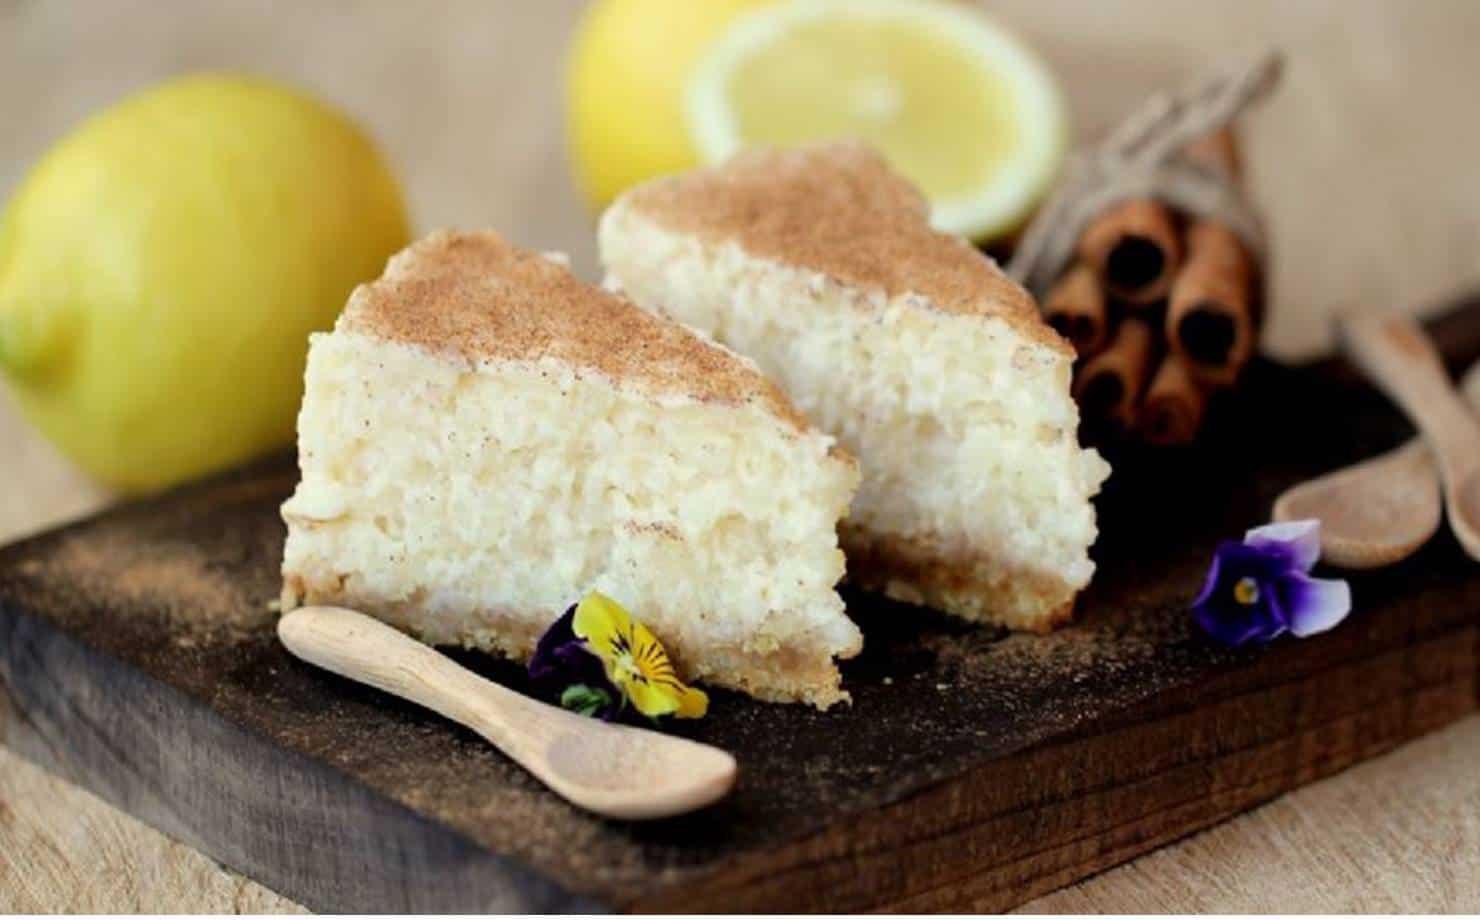 Surpreenda sua família com uma deliciosa torta de arroz